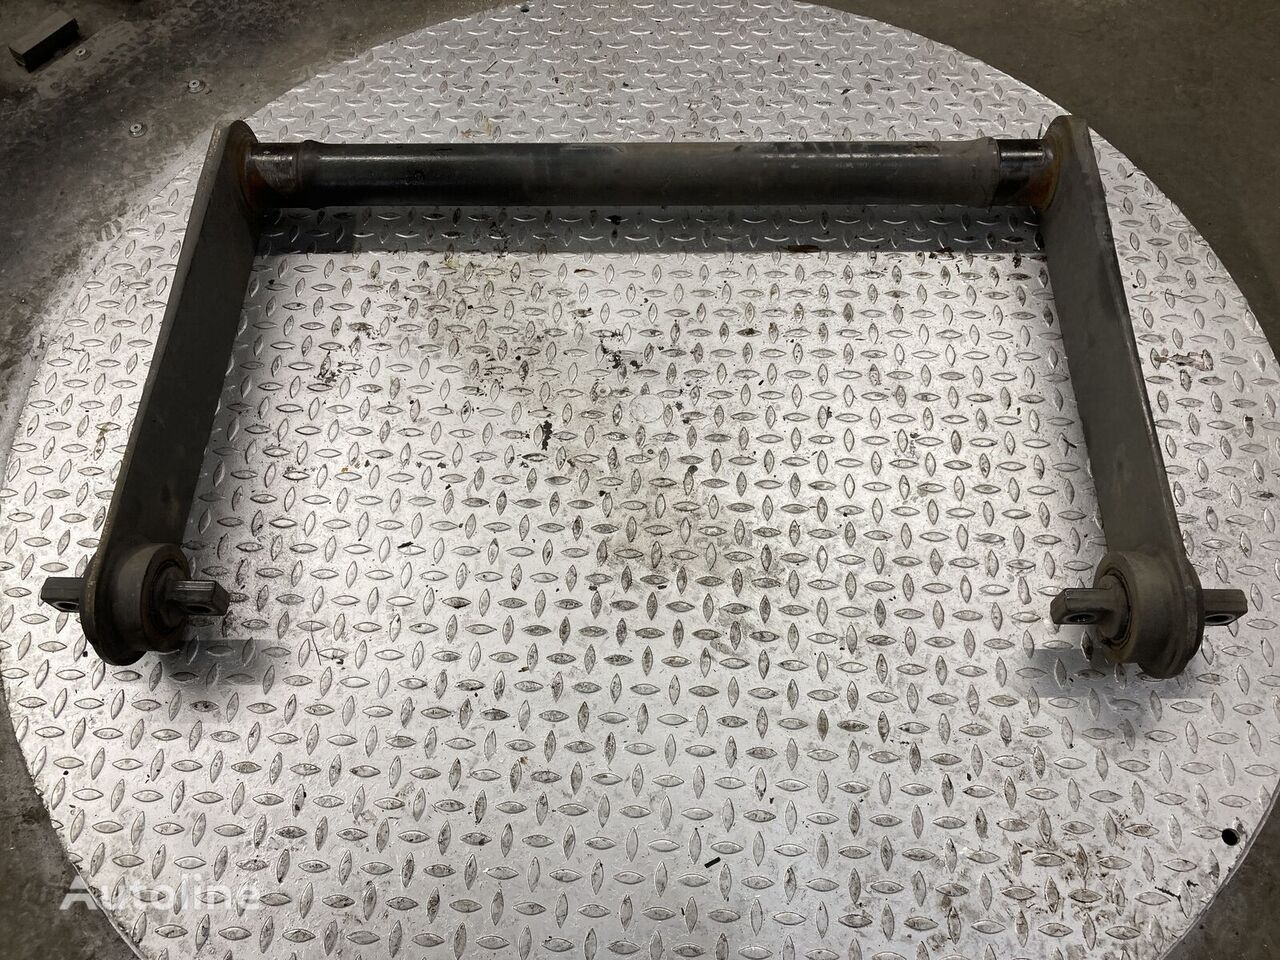 Torsiestaaf achteras MERCEDES-BENZ onderdeel voor MERCEDES-BENZ Torsiestaaf achteras vrachtwagen